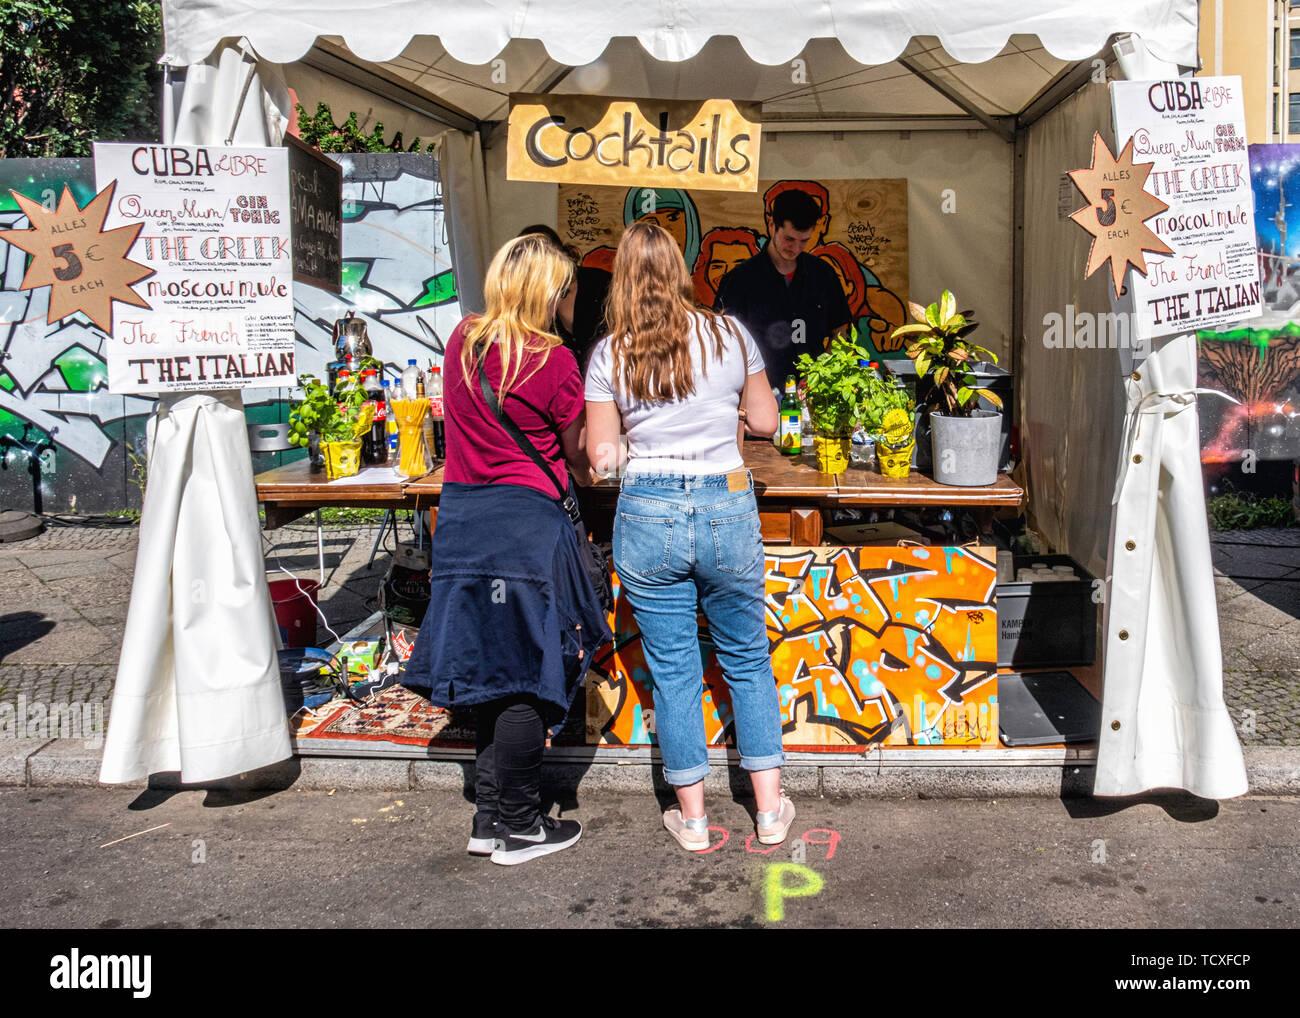 Berlin, Kreuzberg, Burg Frankenberg. 7ème -10ème Juin 2019. Carnaval des Cultures festival de rue: un événement annuel à la Pentecôte qui célèbre la diversité culturelle de la ville avec musique, culturel, et d'échoppes vendant de la nourriture et boissons du monde entier, de crédit: Eden Breitz/Alamy Photo Stock